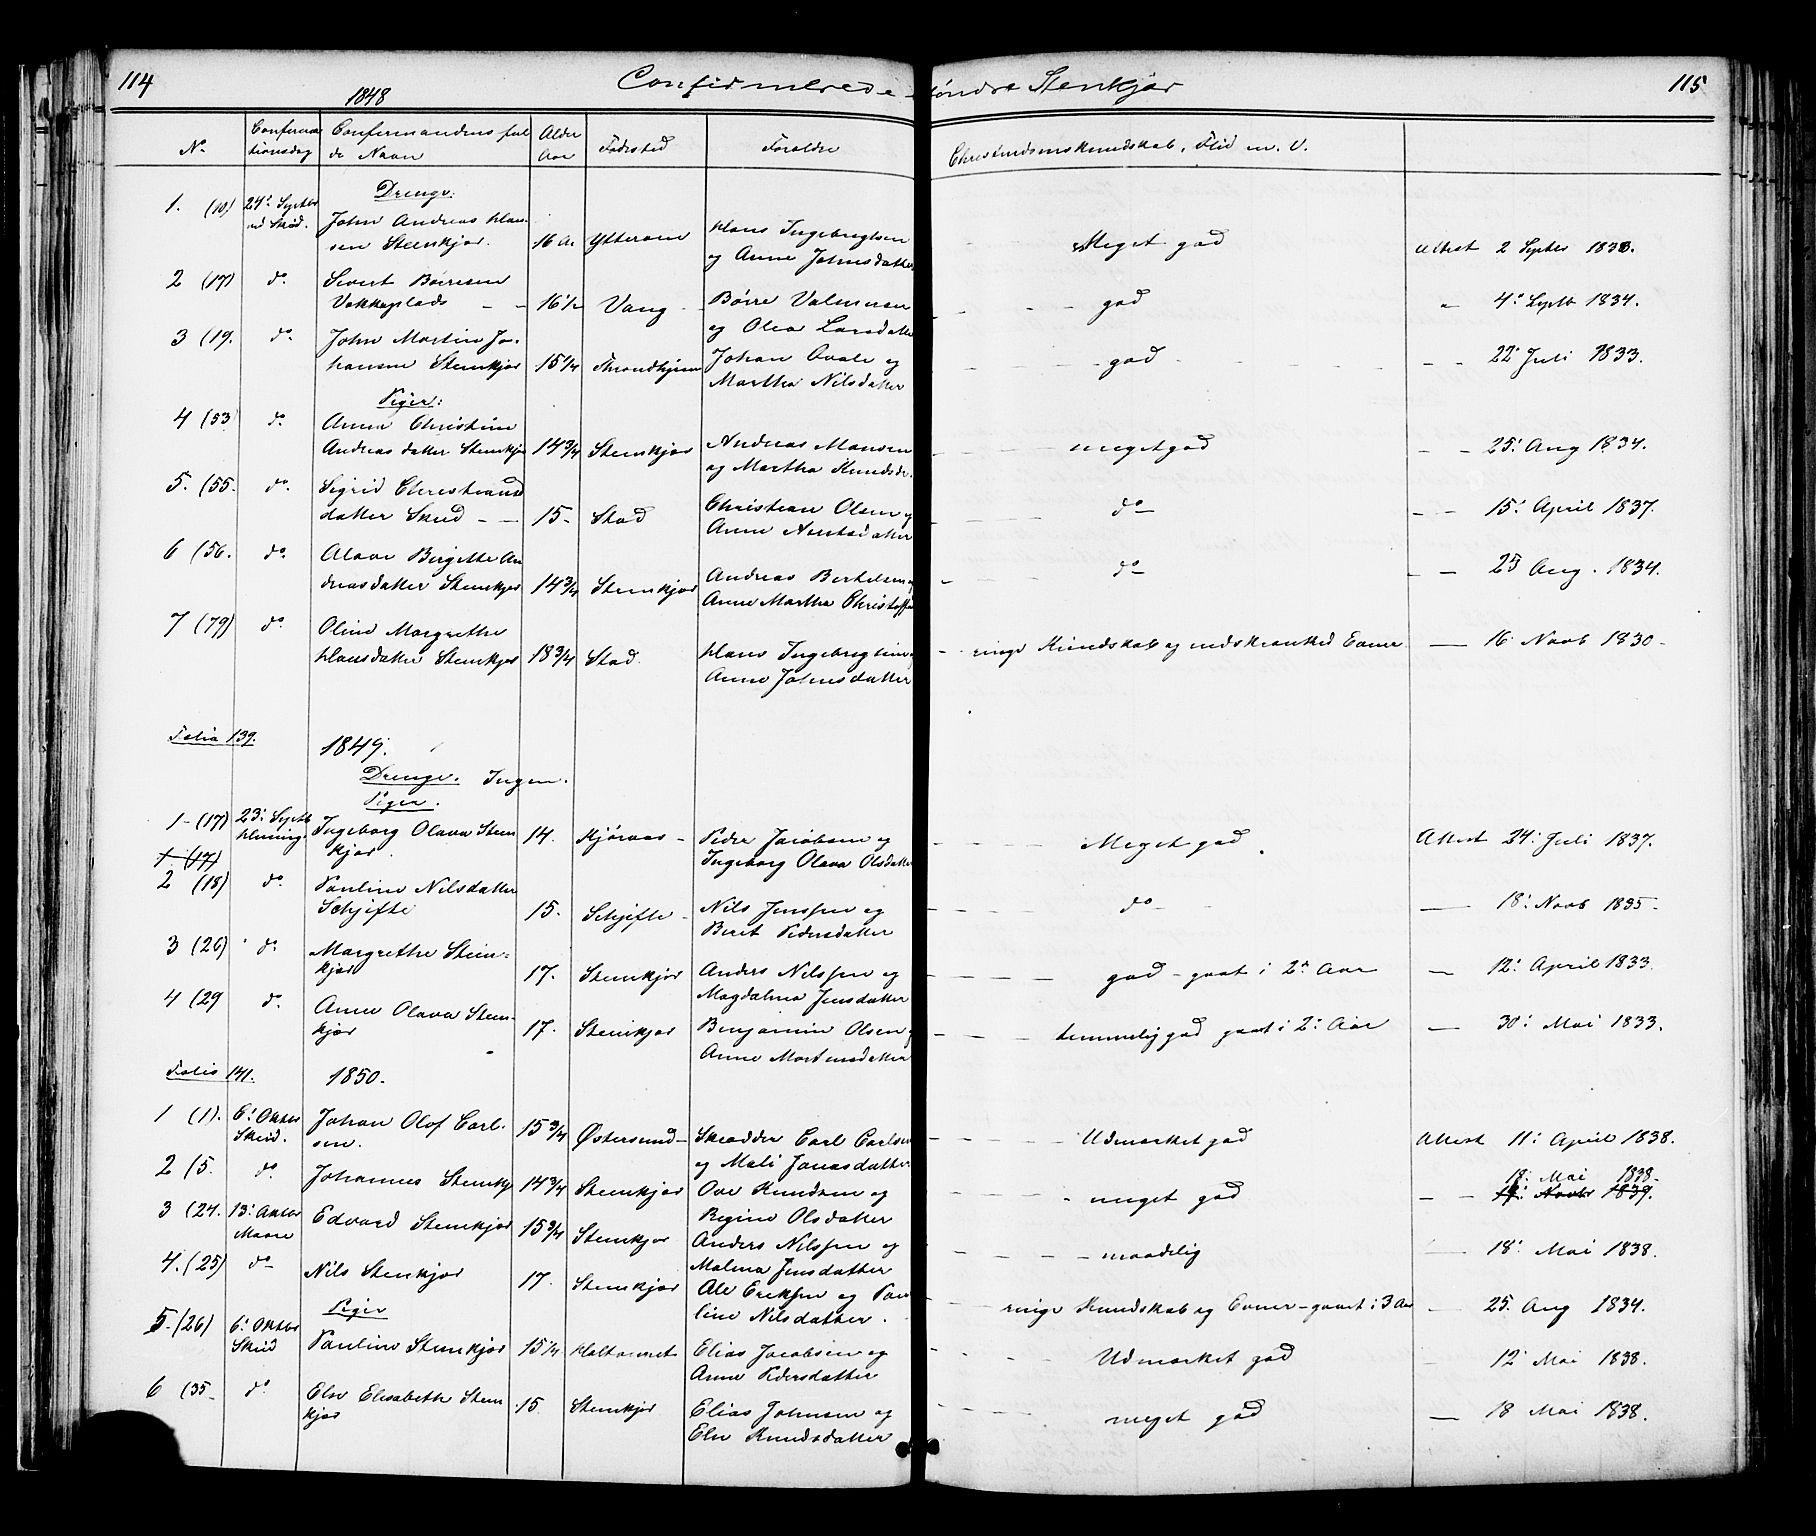 SAT, Ministerialprotokoller, klokkerbøker og fødselsregistre - Nord-Trøndelag, 739/L0367: Ministerialbok nr. 739A01 /1, 1838-1868, s. 114-115